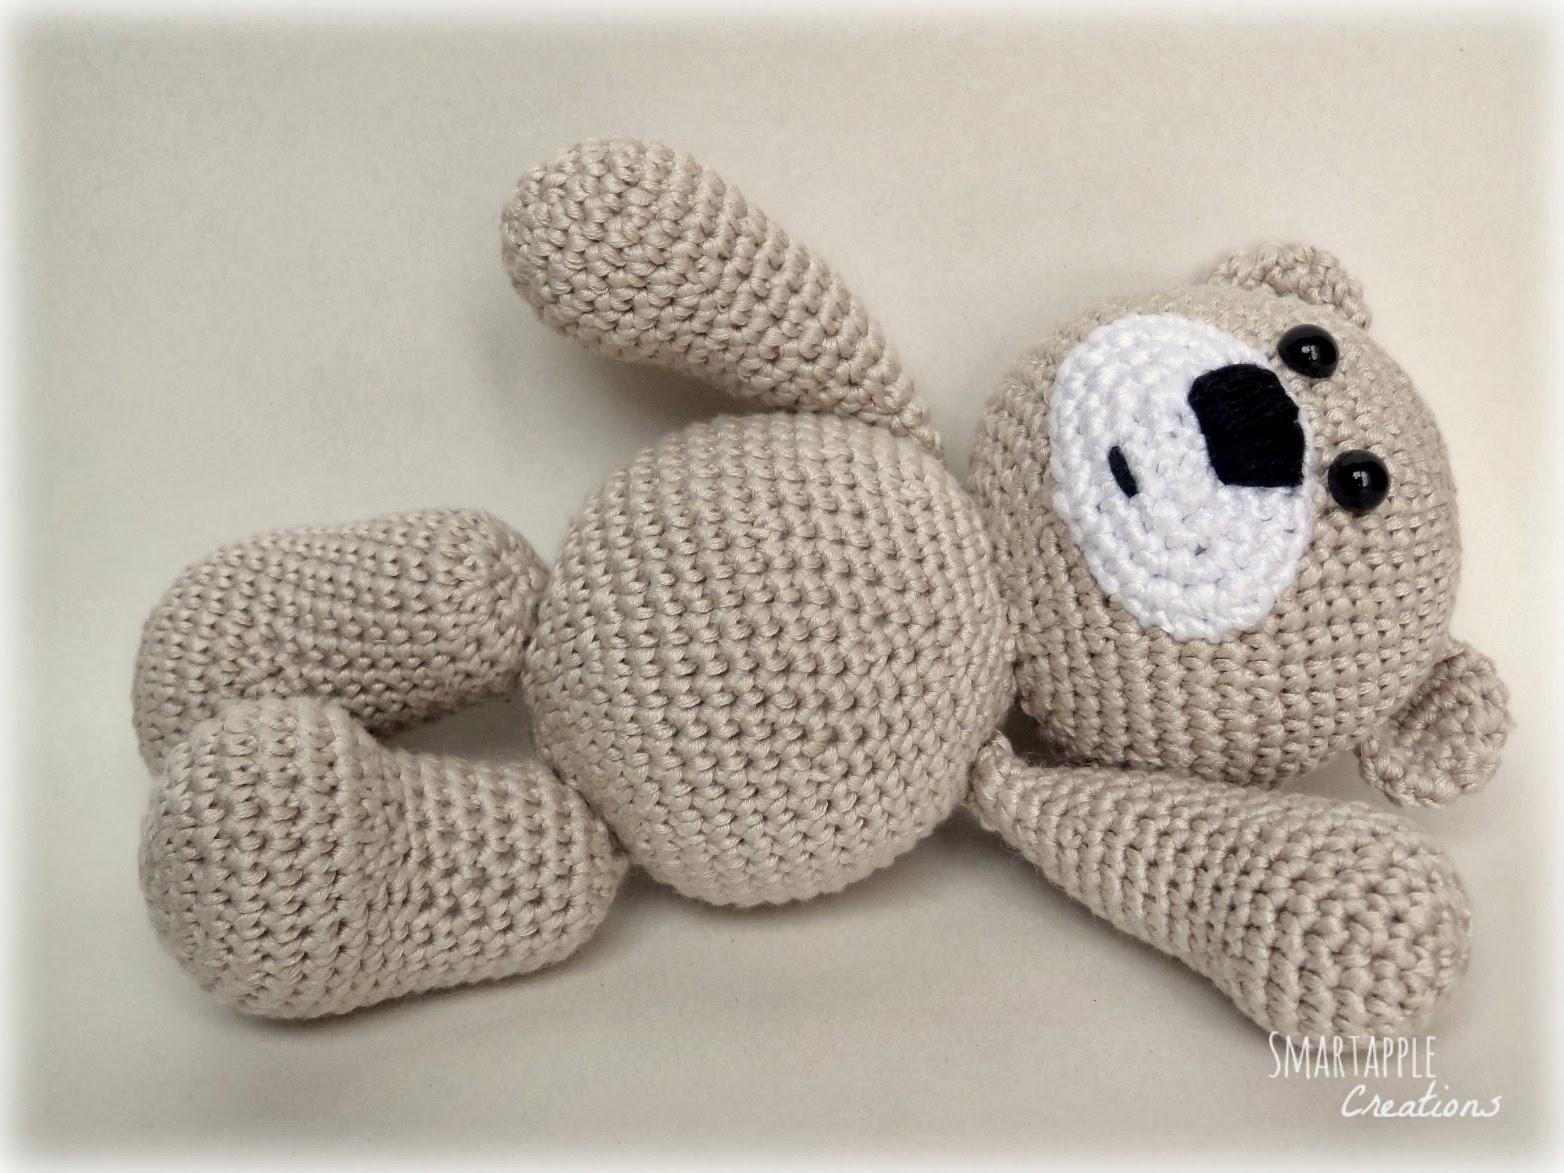 Amigurumi Teddy Bears : Smartapple Creations - amigurumi and crochet: Amigurumi ...